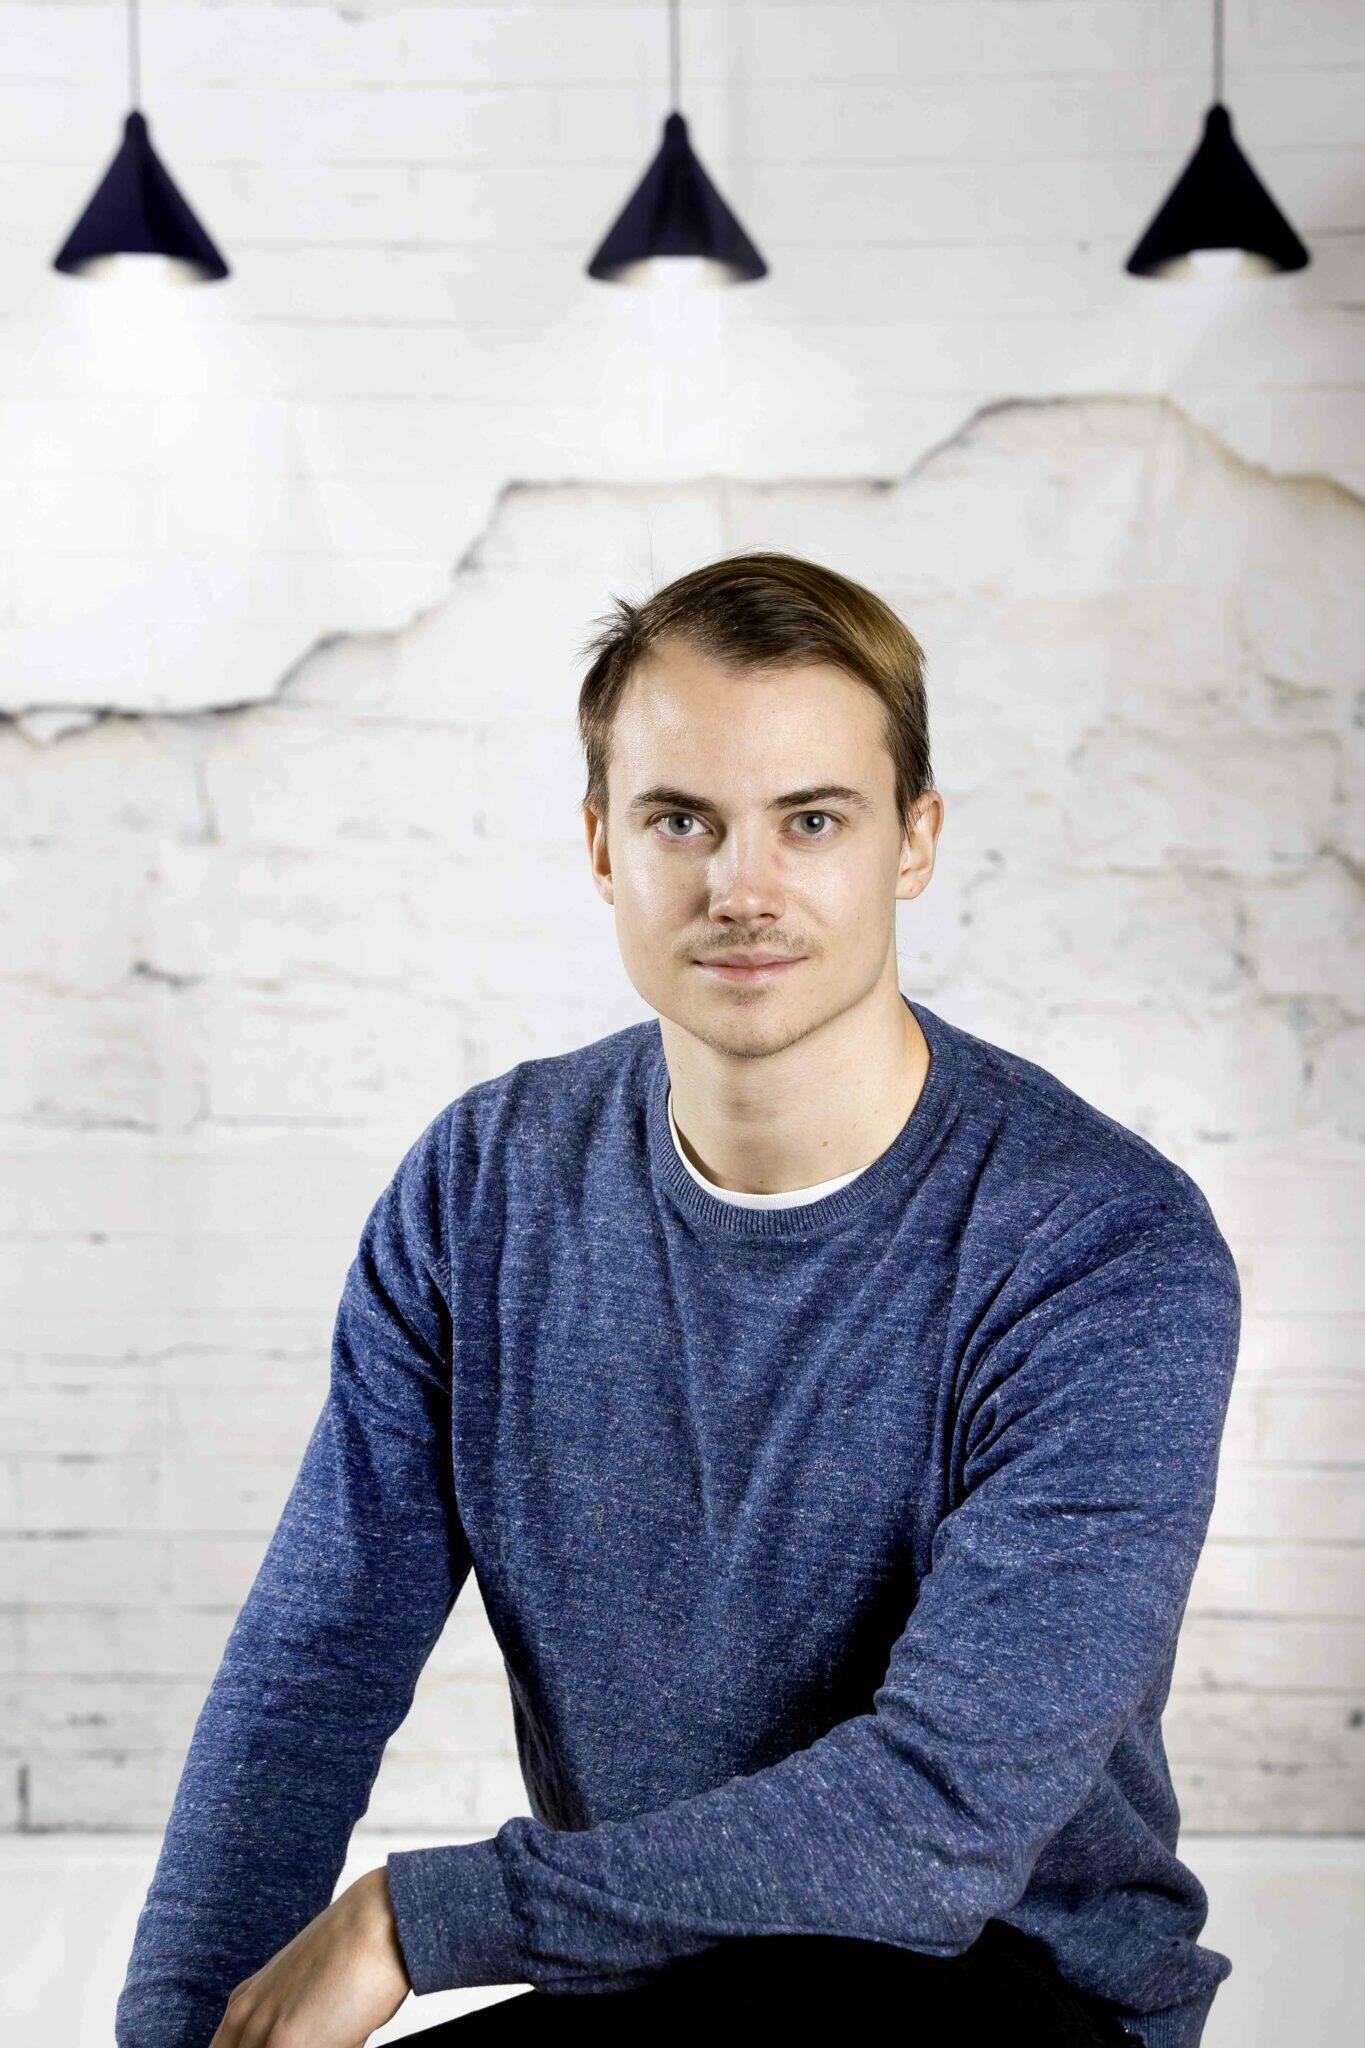 Fredrik Falknäs